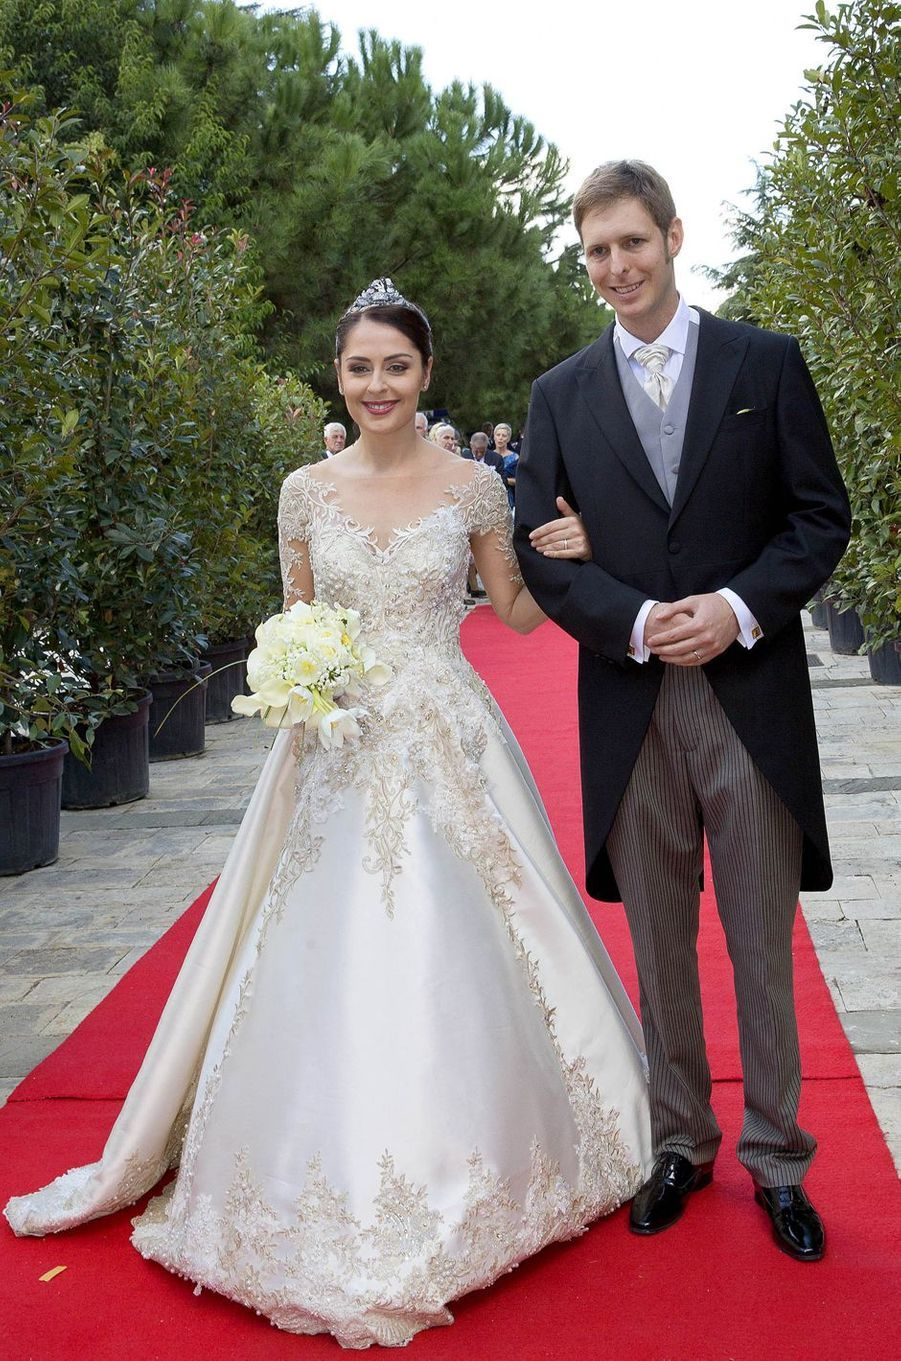 Le prince Leka II d'Albanie et Elia Zaharia, le jour de leur mariage à Tirana, le 8 octobre 2016